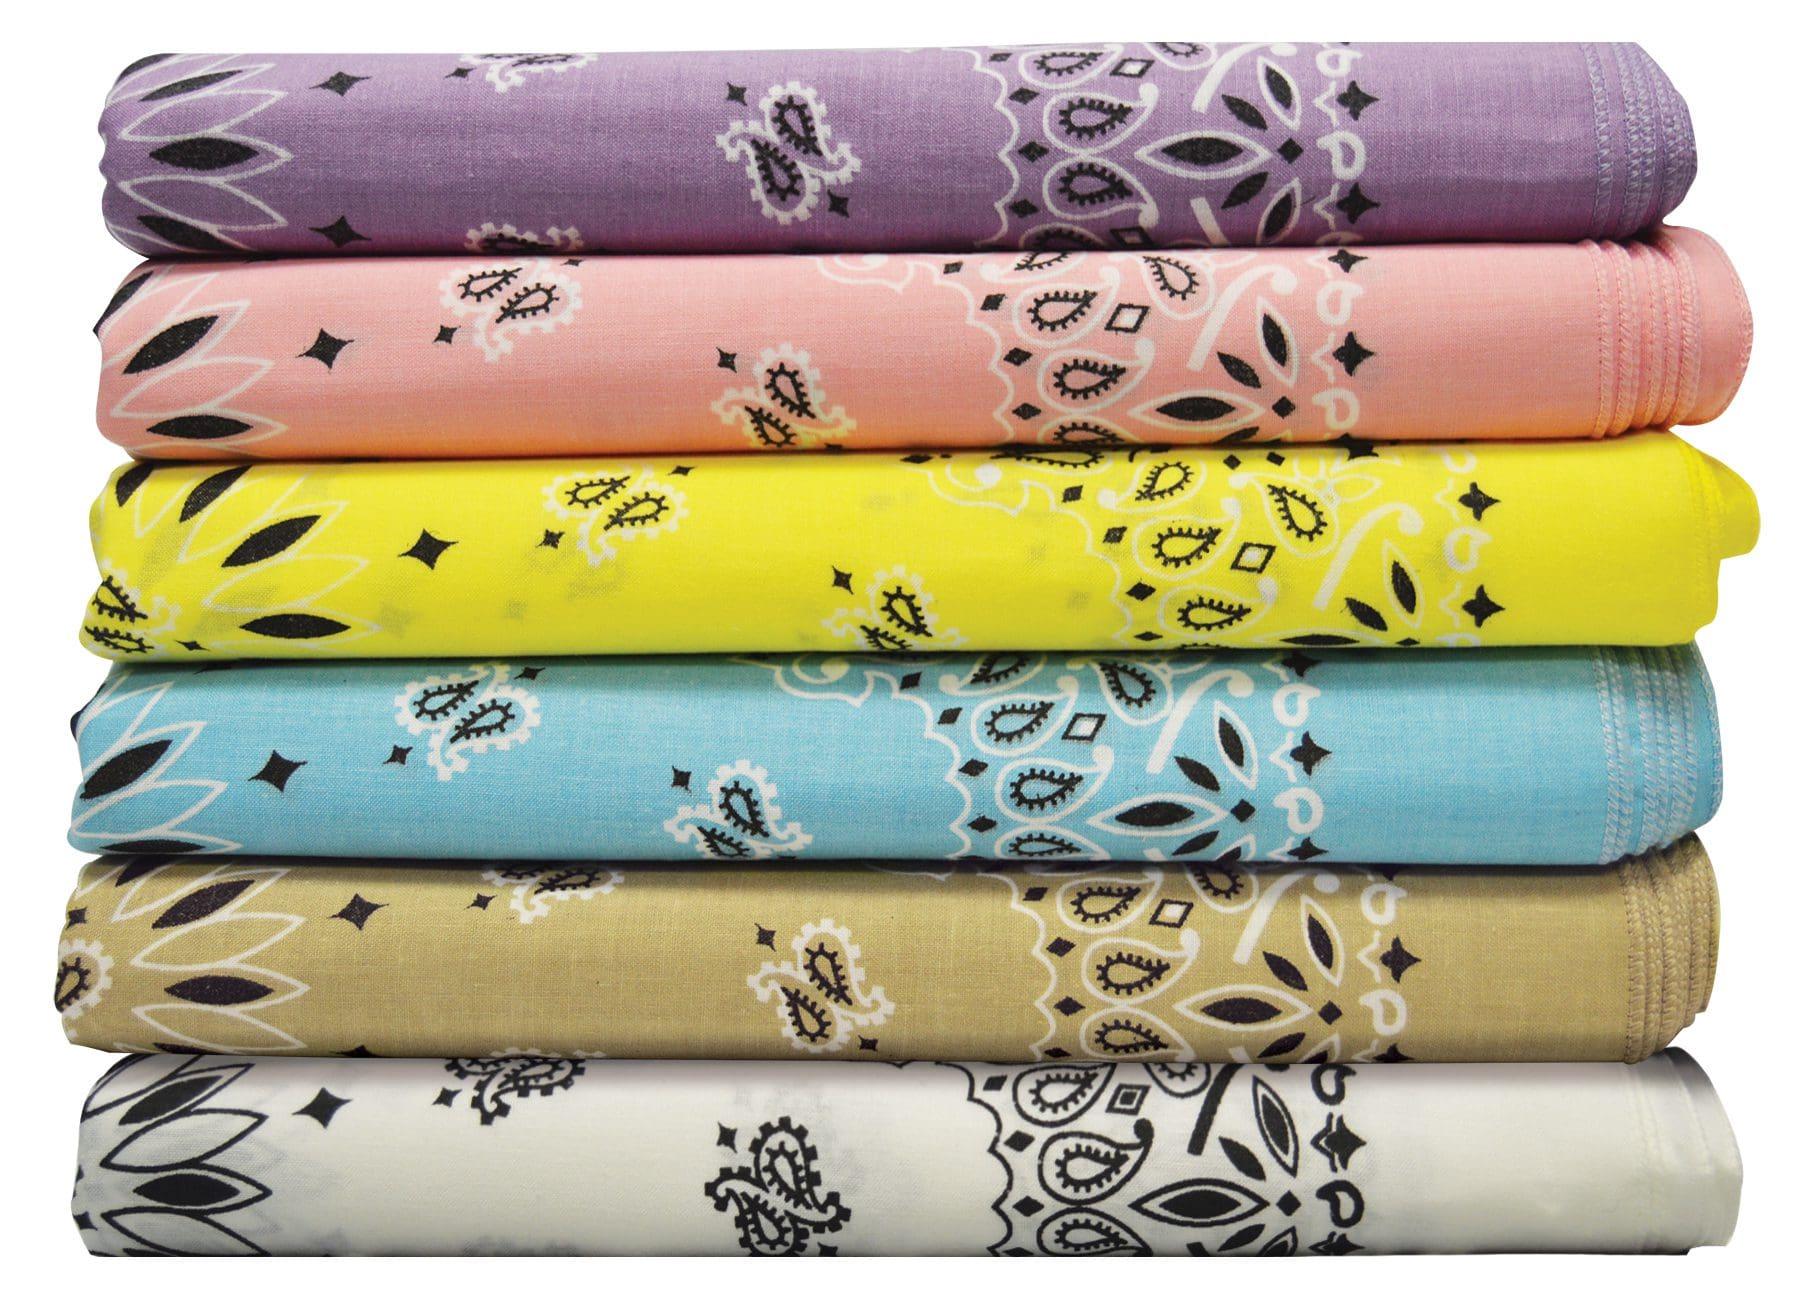 variety of bandannas stacked